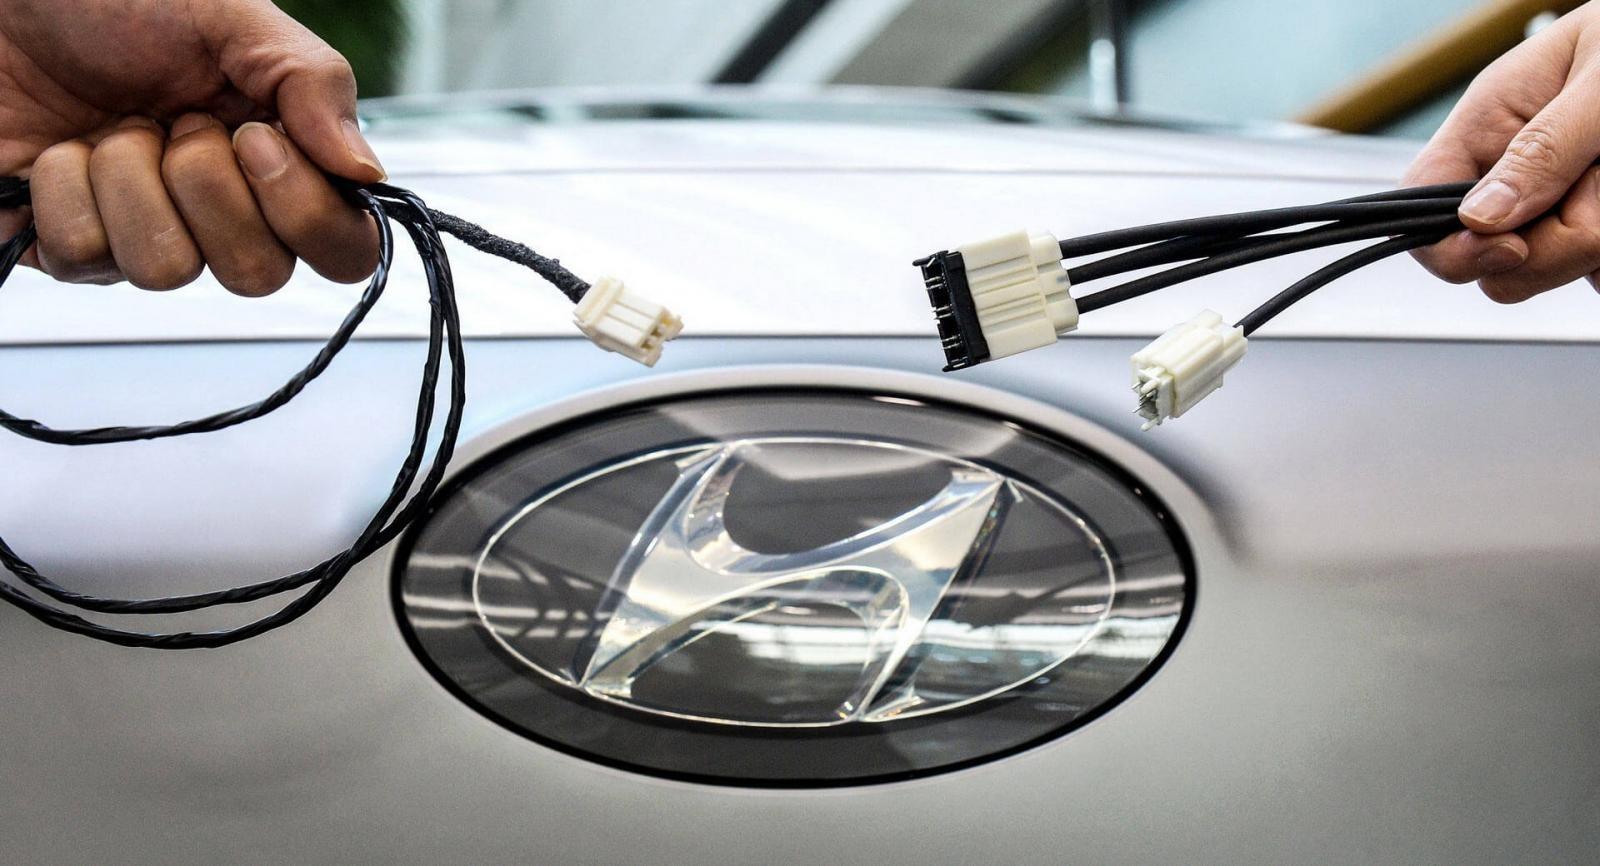 Hyundai và Kia đã phải triệu hồi hàng triệu chiếc xe vì lỗi cháy động cơ nhưng vẫn chưa giải quyết được triệt để vấn đề